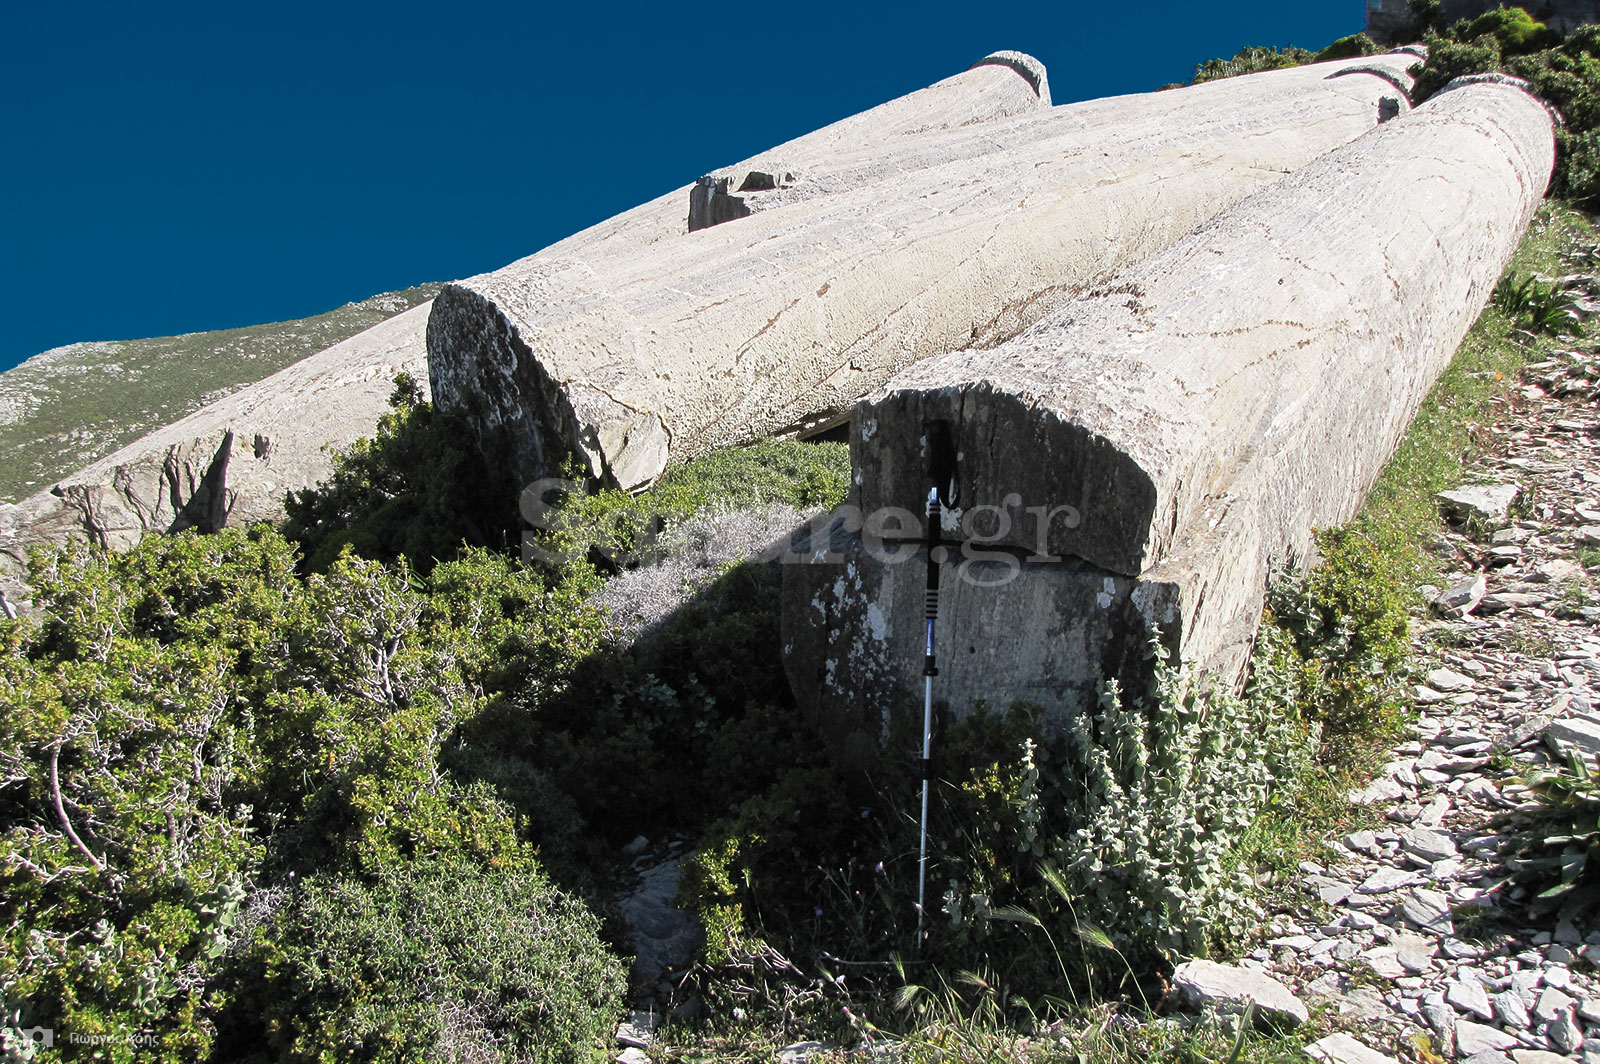 20-Υπερμεγέθεις-μονολιθικοί-κίονες-σε-αρχαίο-λατομείο-στην-τοποθεσία-Κολώνες-του-οικισμού-Μύλων-Καρύστου